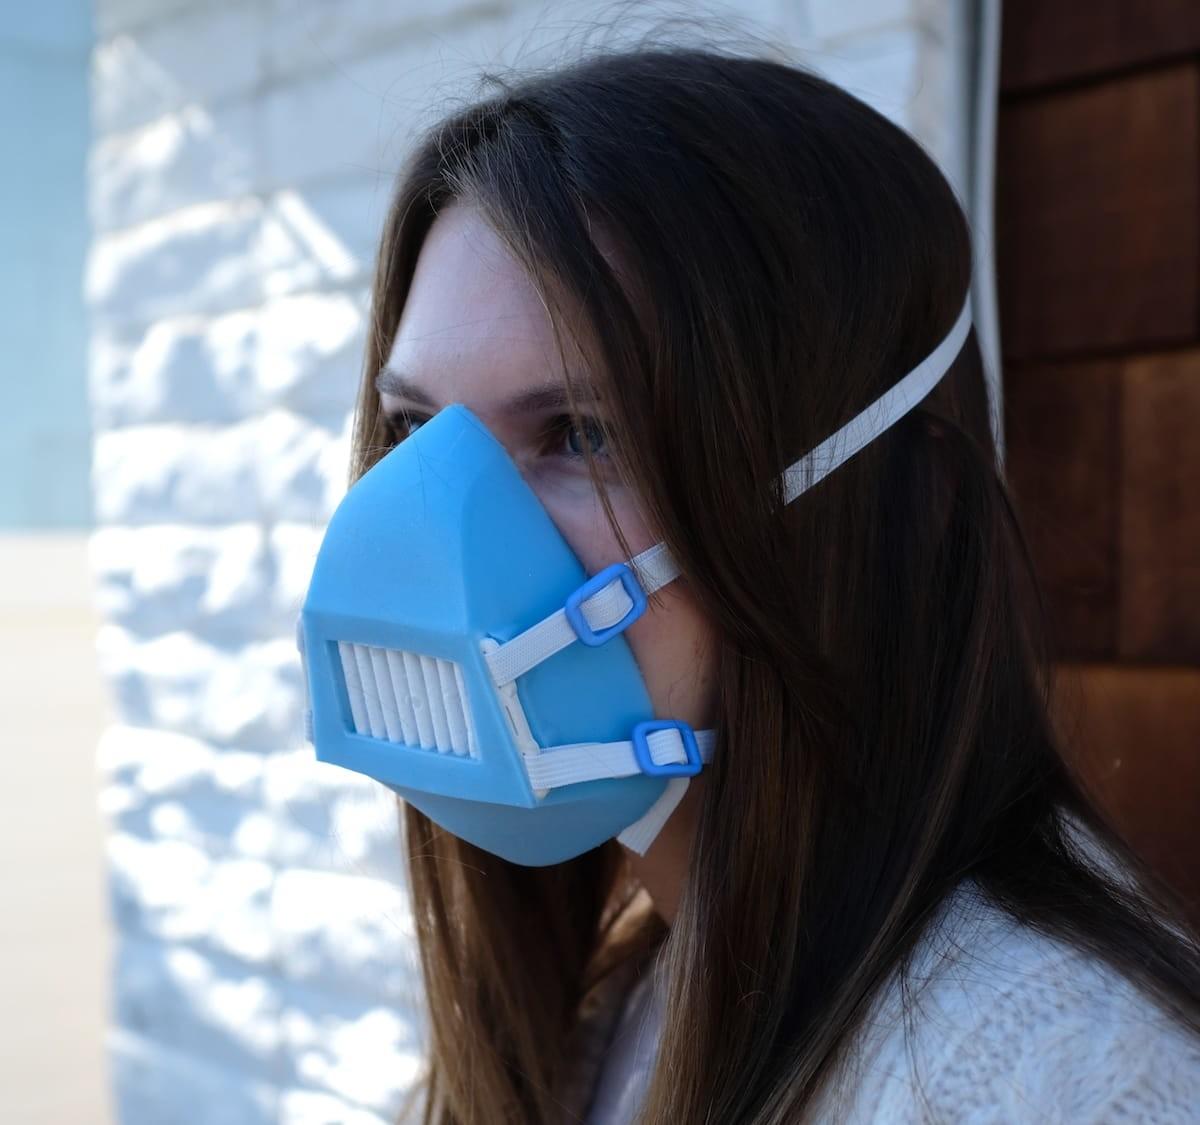 AKYOR SILKYOR active mask has UV-C, ultrasonic, and electrostatic features